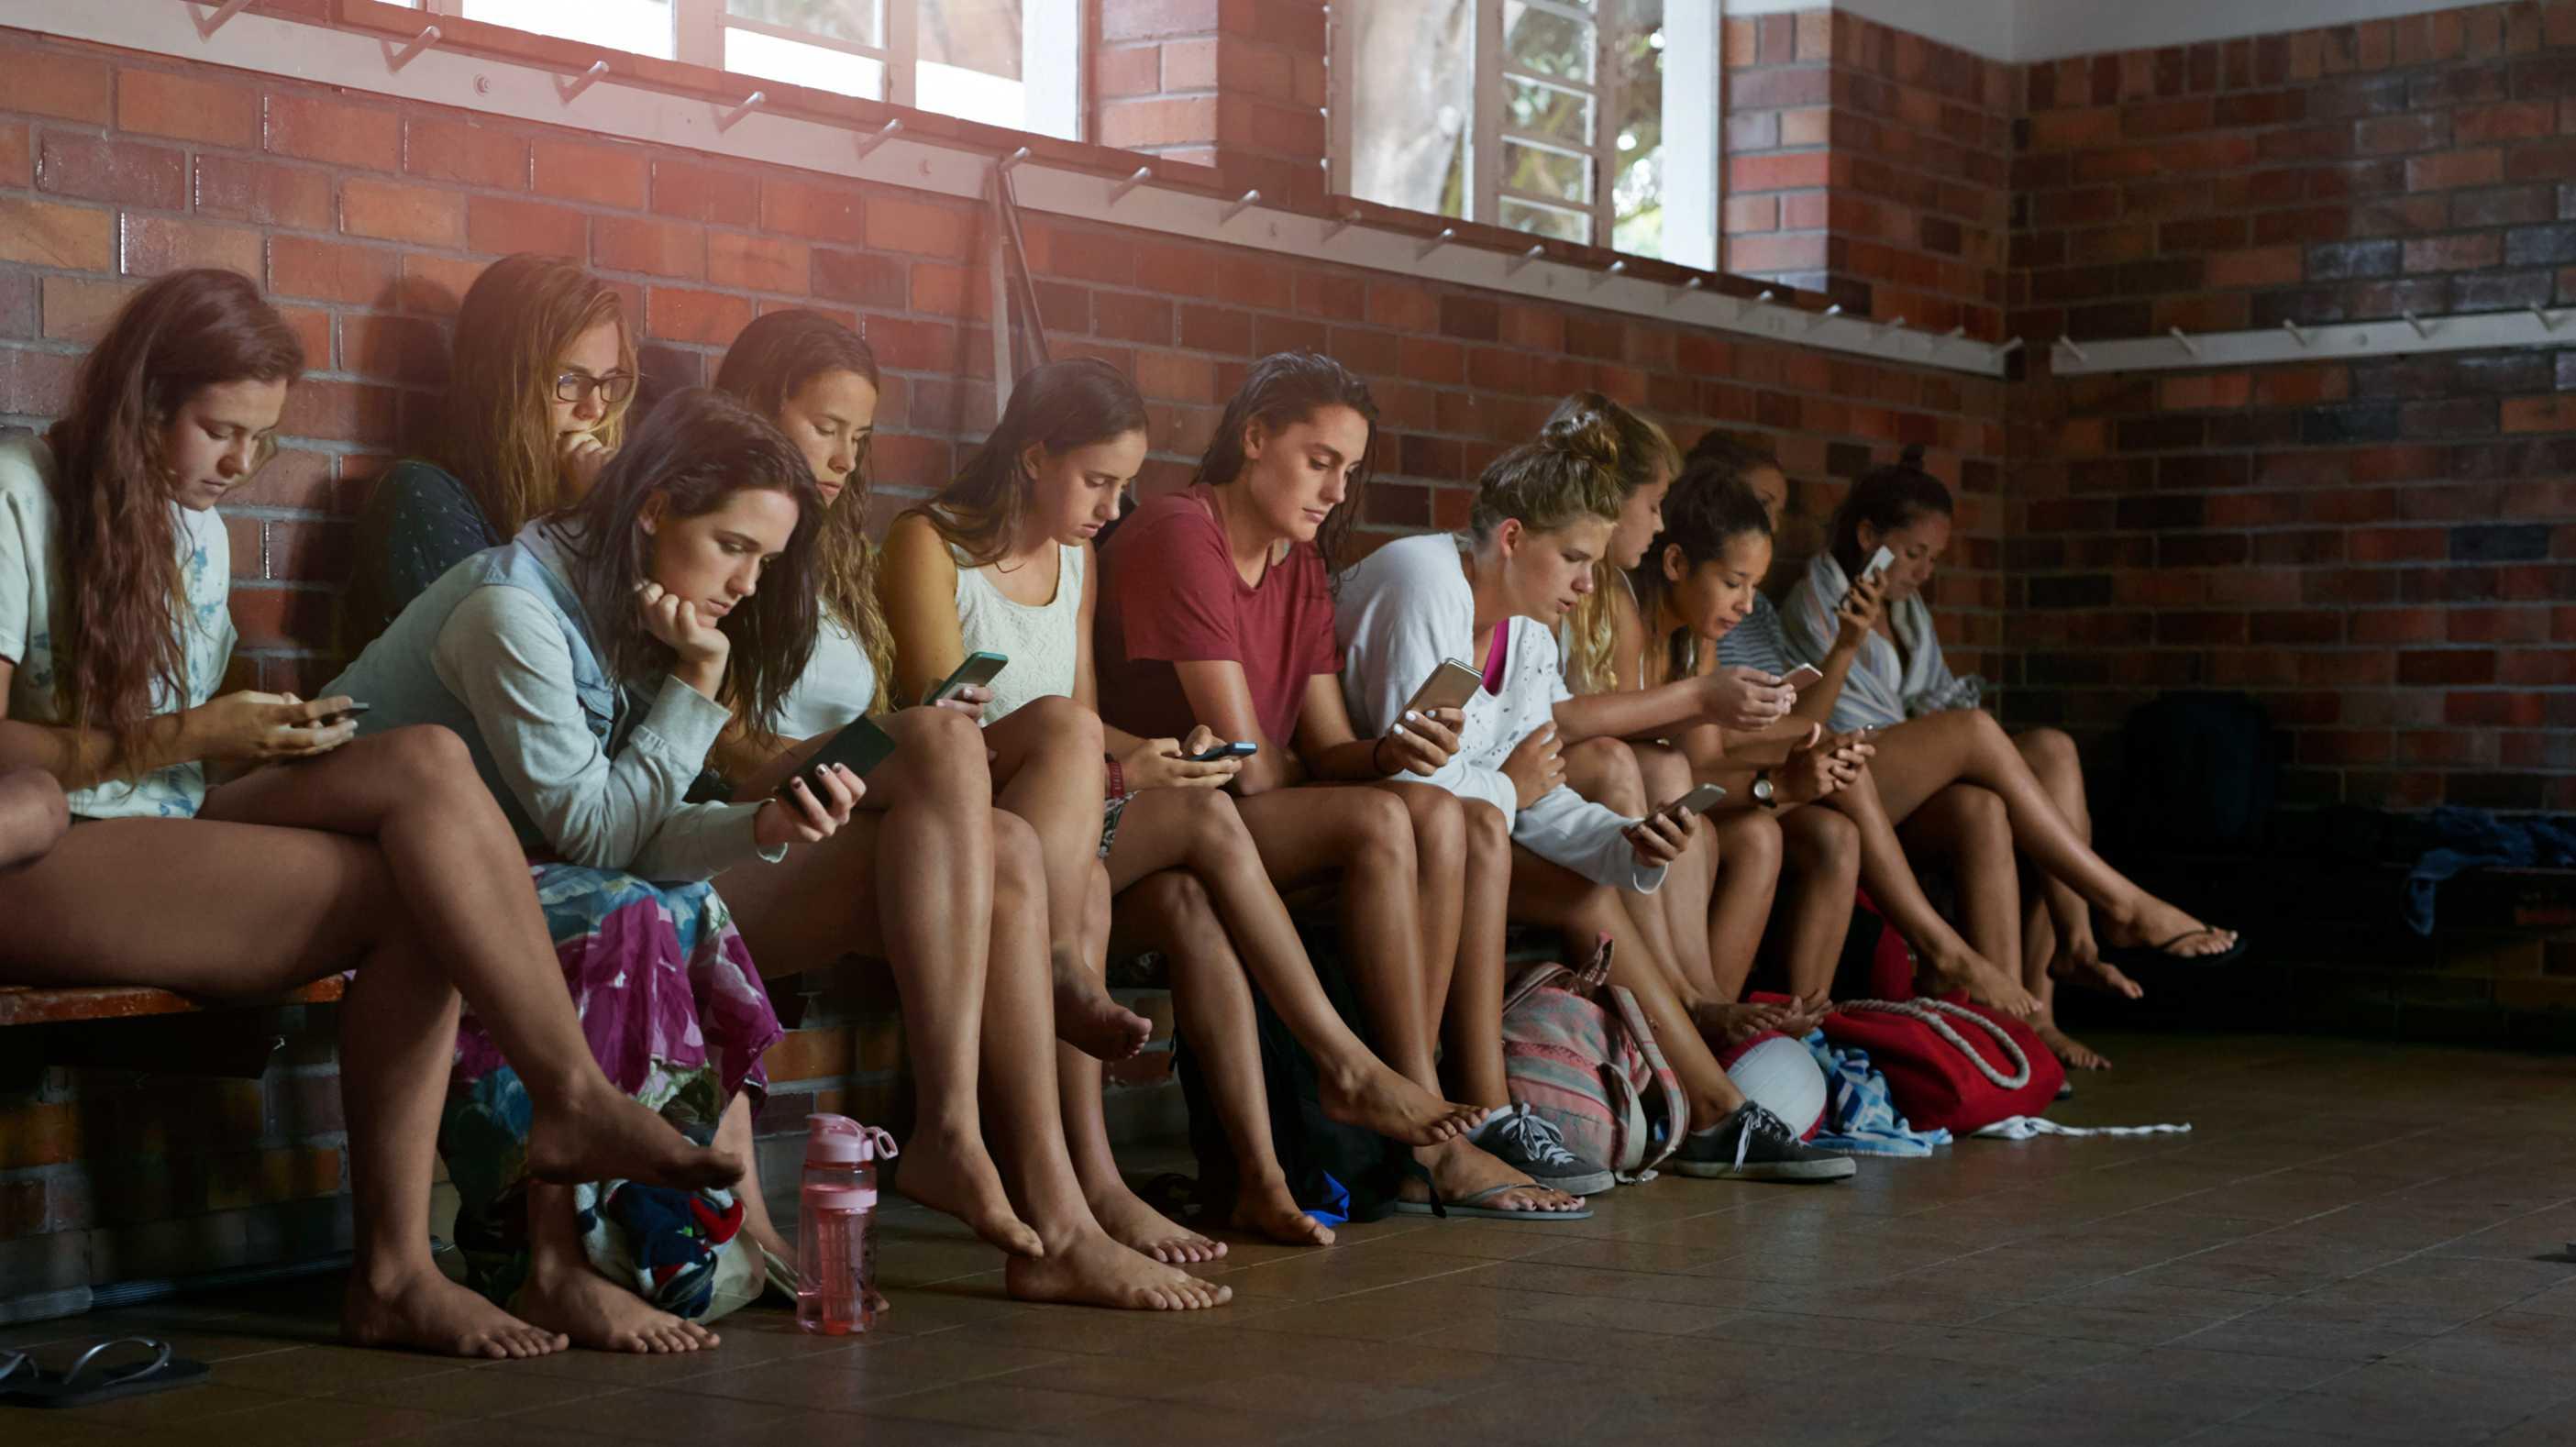 Motorola-Studie: Ein Drittel verbringt Zeit lieber mit Smartphone als mit Menschen